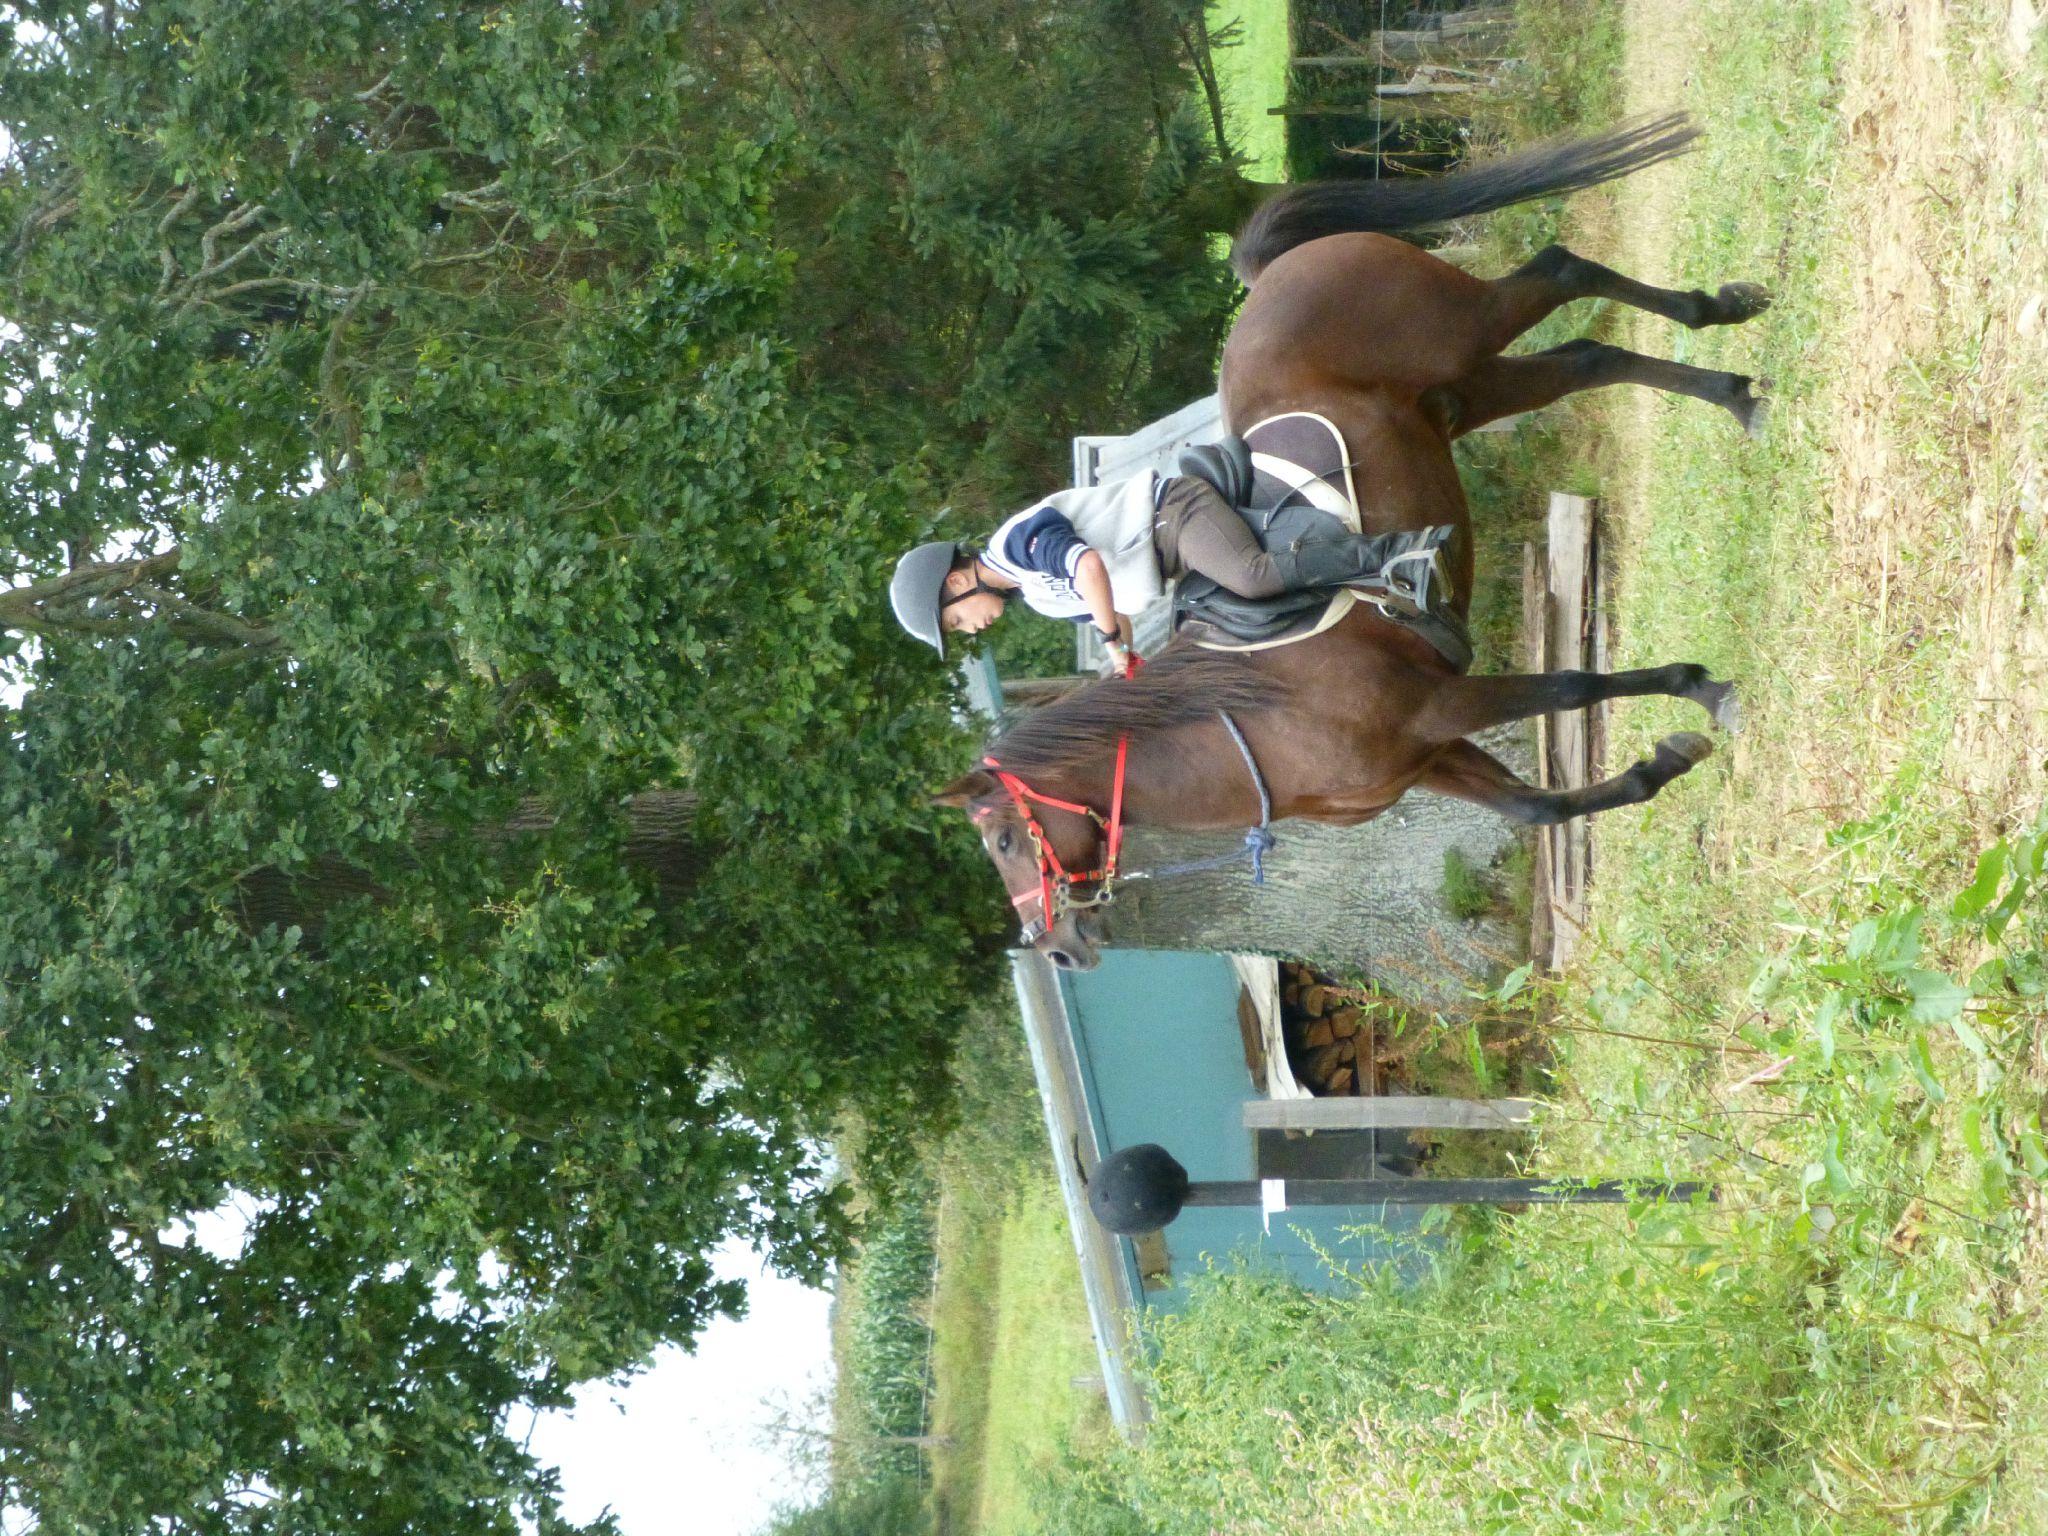 Jeux équestres manchots - parcours de pleine nature après-midi (308)